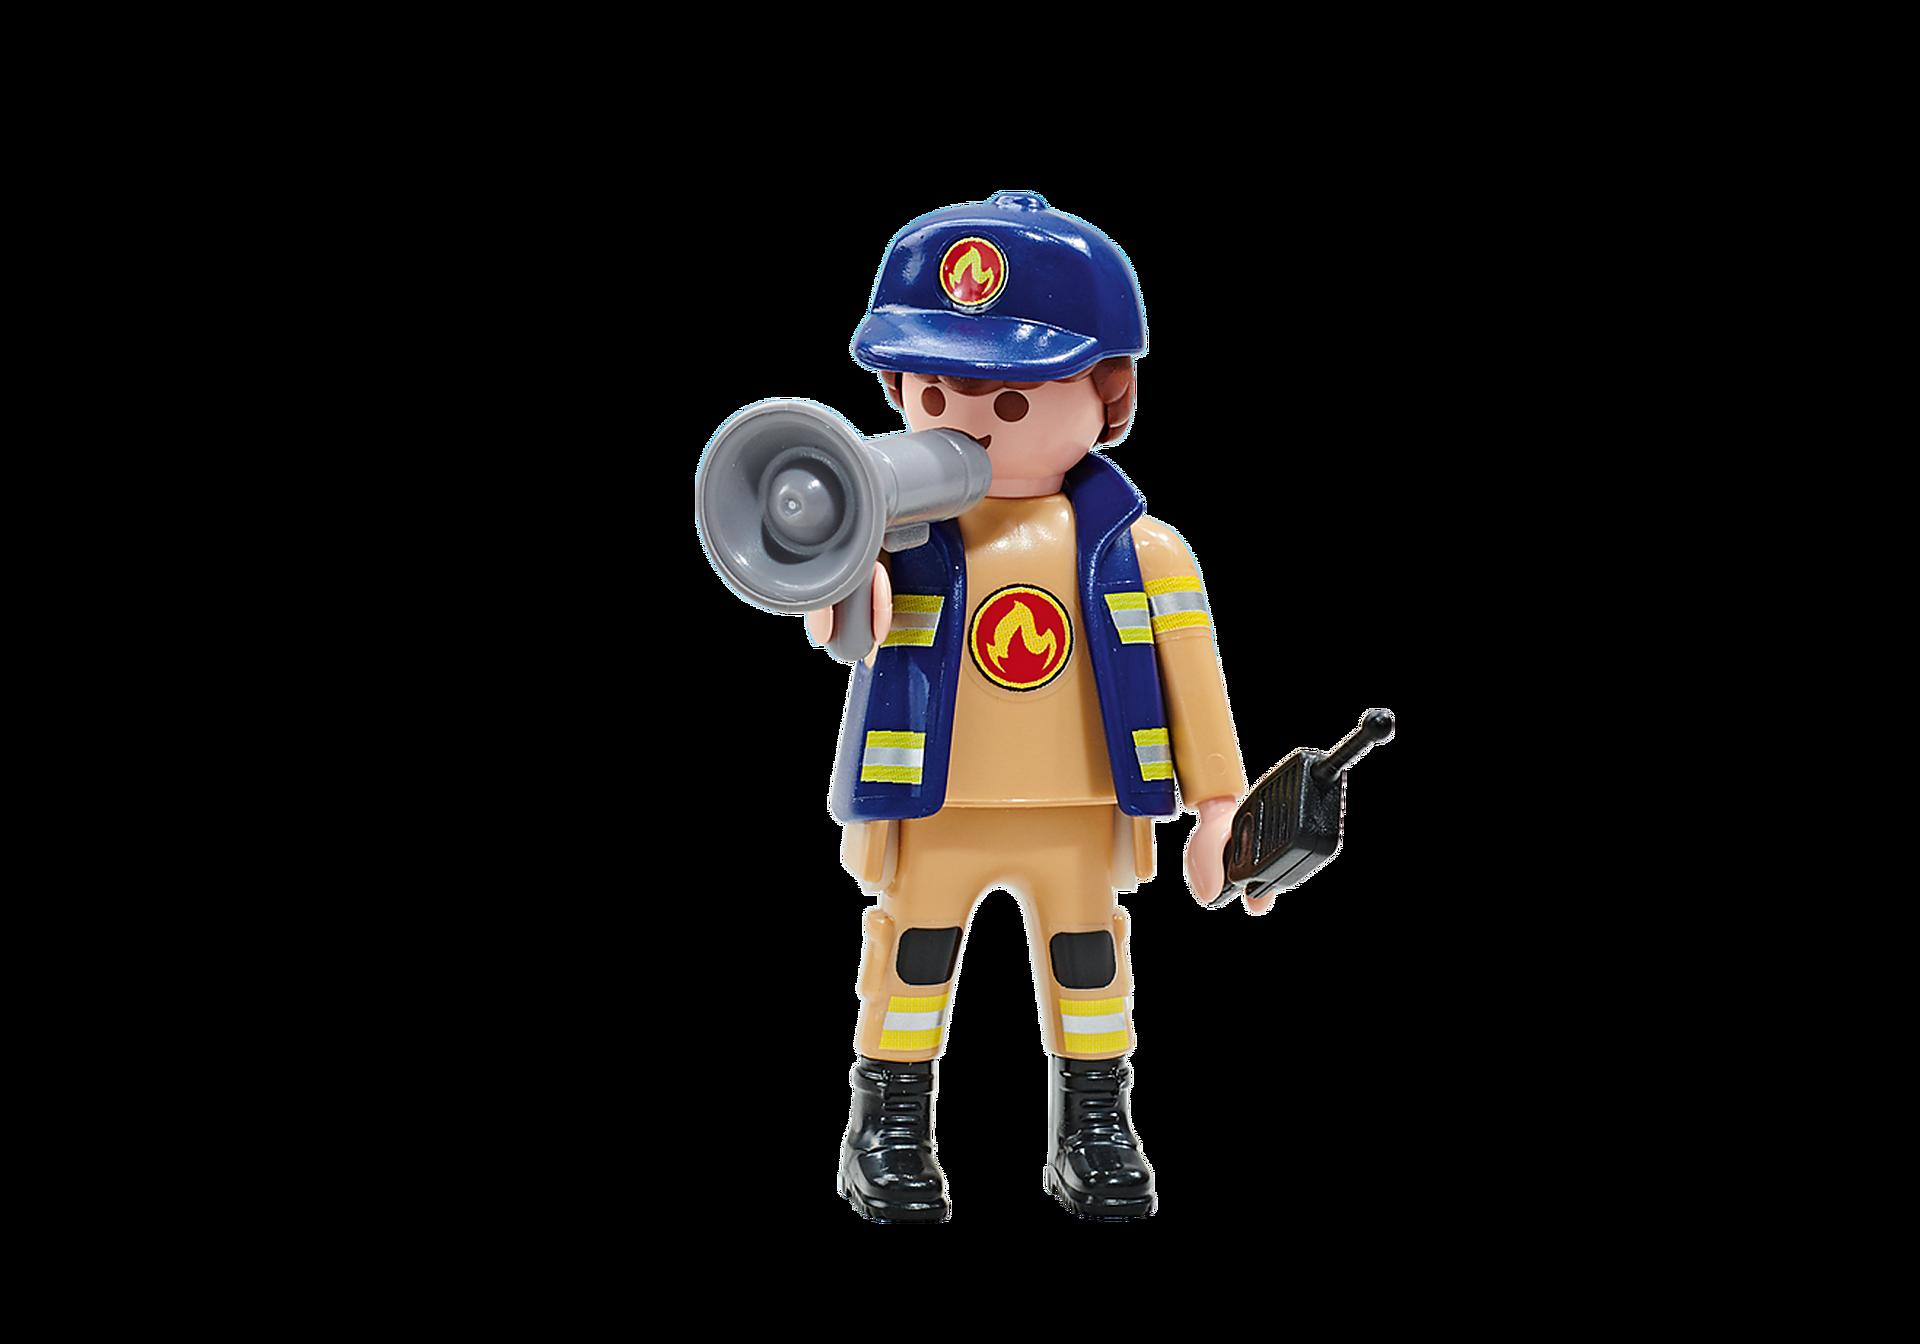 6583 Επικεφαλής Πυροσβέστης Ομάδας Α zoom image1